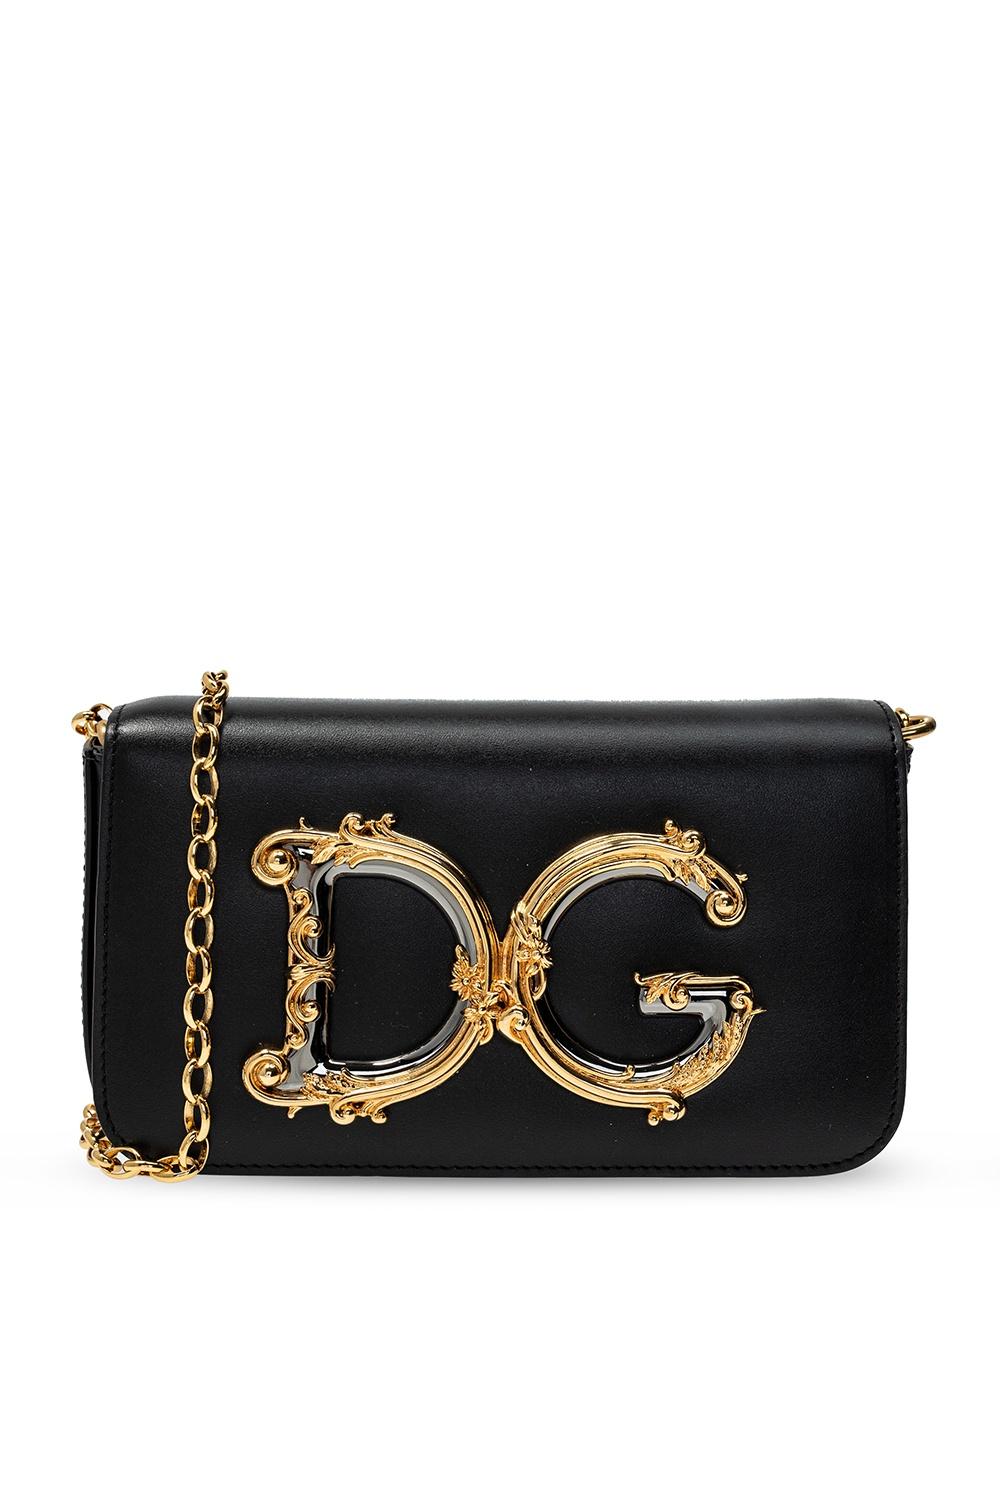 Dolce & Gabbana Branded shoulder bag